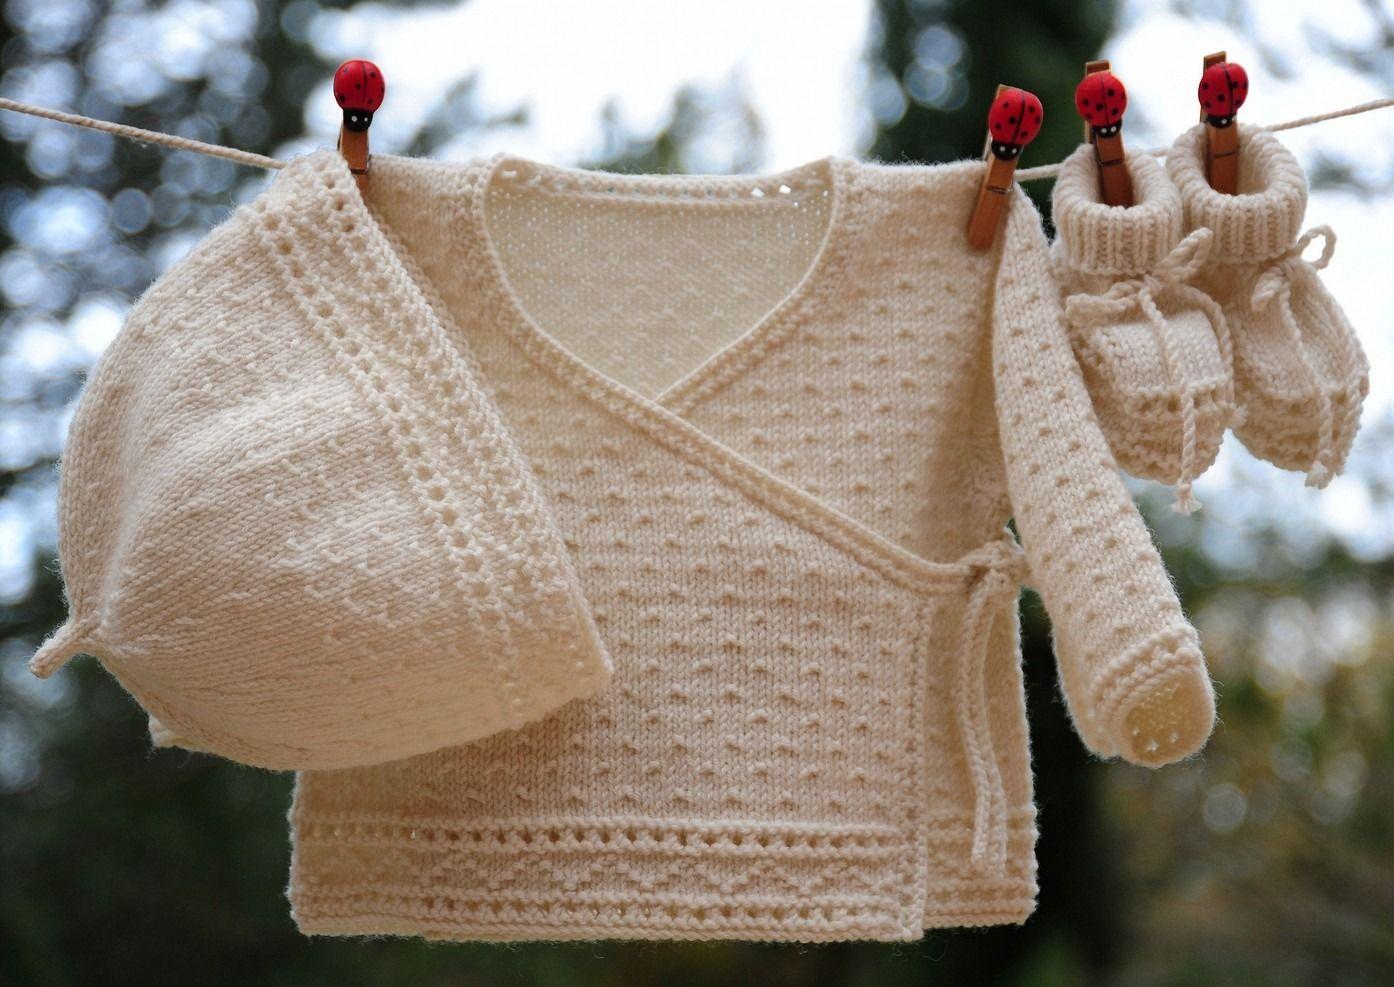 cba3d8a97f539 layette ensemble mérinos naissance-1 mois neuf tricoté main brassière  croisée bonnet et chaussons